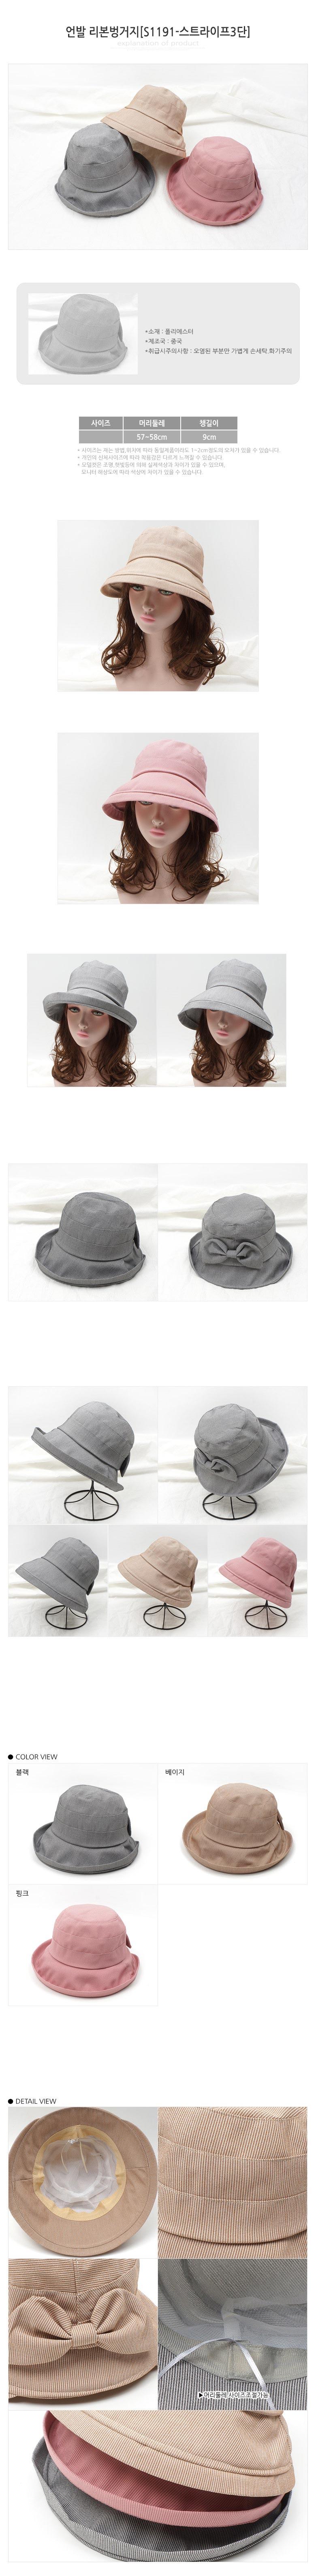 언발 리본벙거지 S1191 스트라이프3단 여름모자 - 익스트리모, 16,000원, 모자, 버킷햇